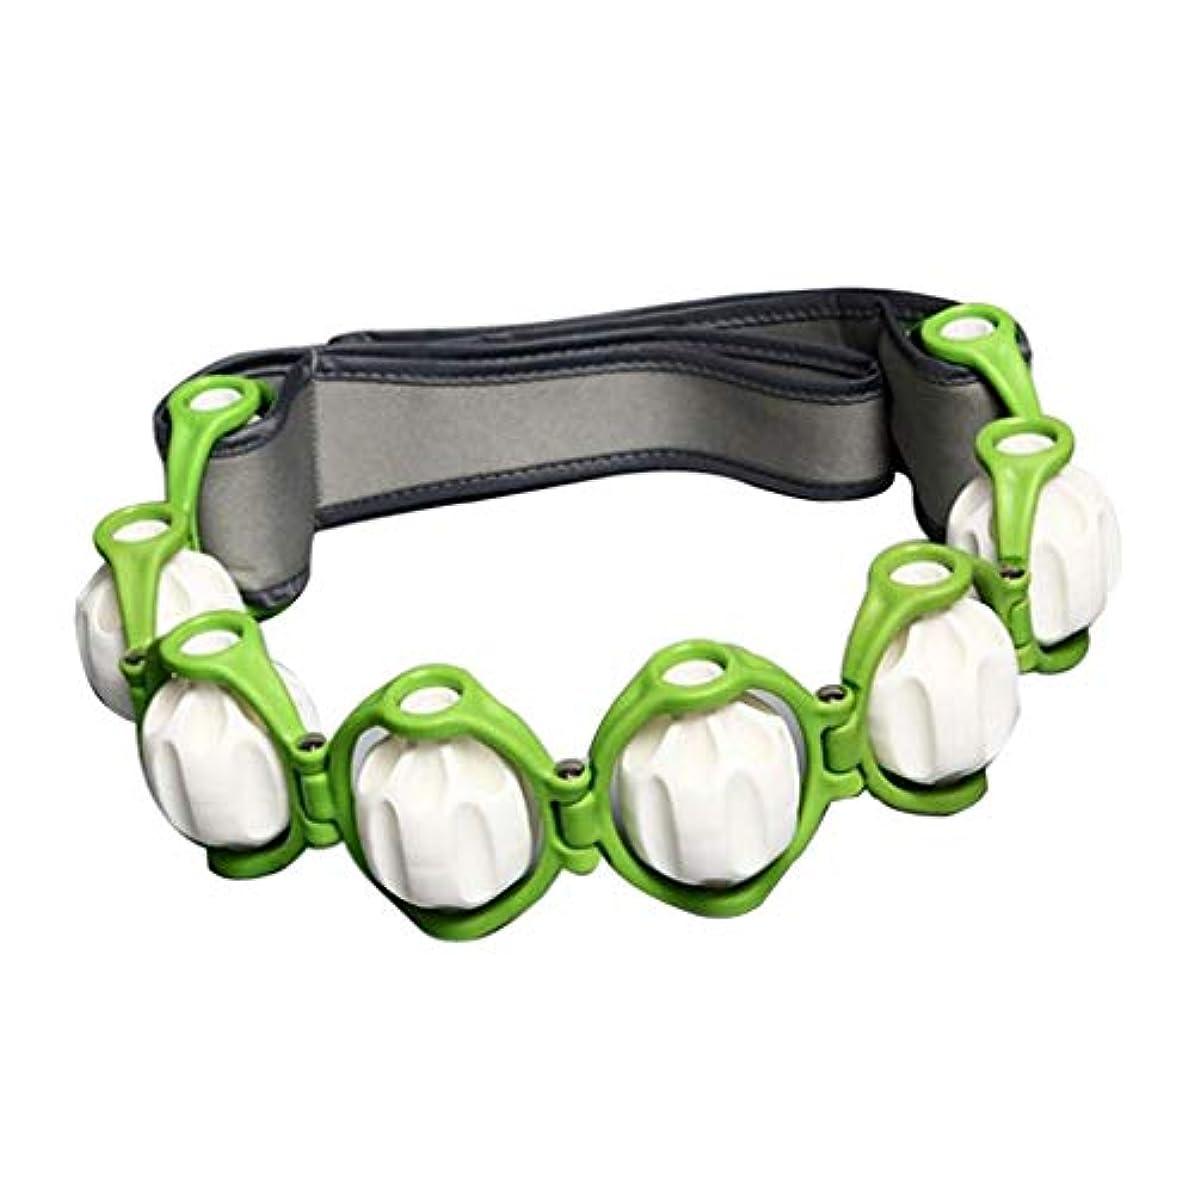 遷移高揚したリーマッサージローラー ロープ付き ツボ押し ボディマッサージ 筋肉マッサージ 4色選べ - 緑